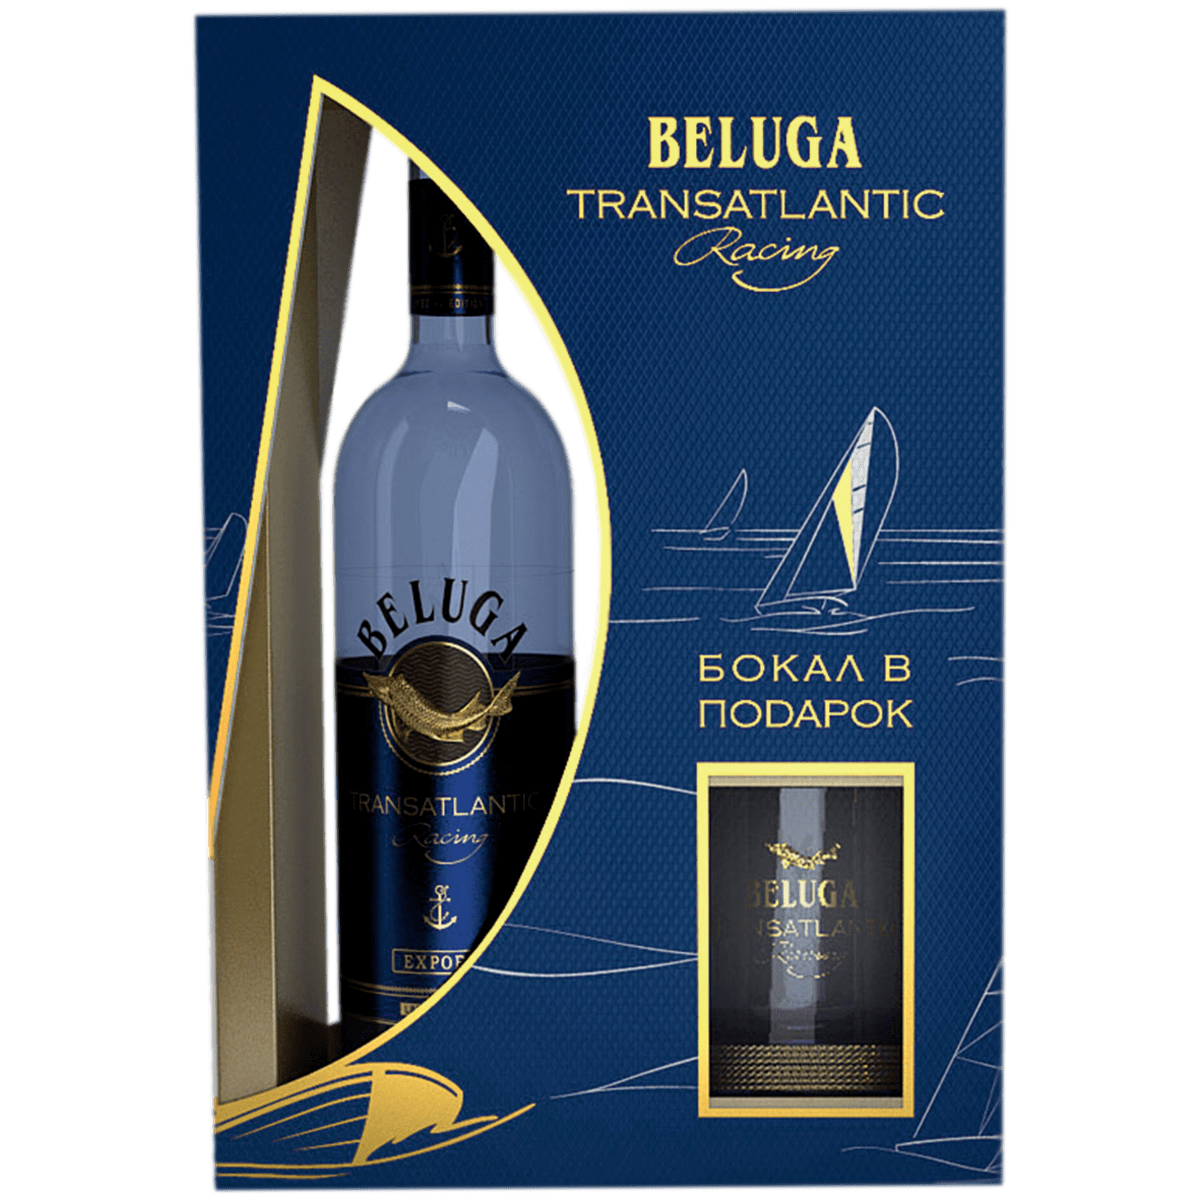 Hương vị đặc biệt của dòng Beluga